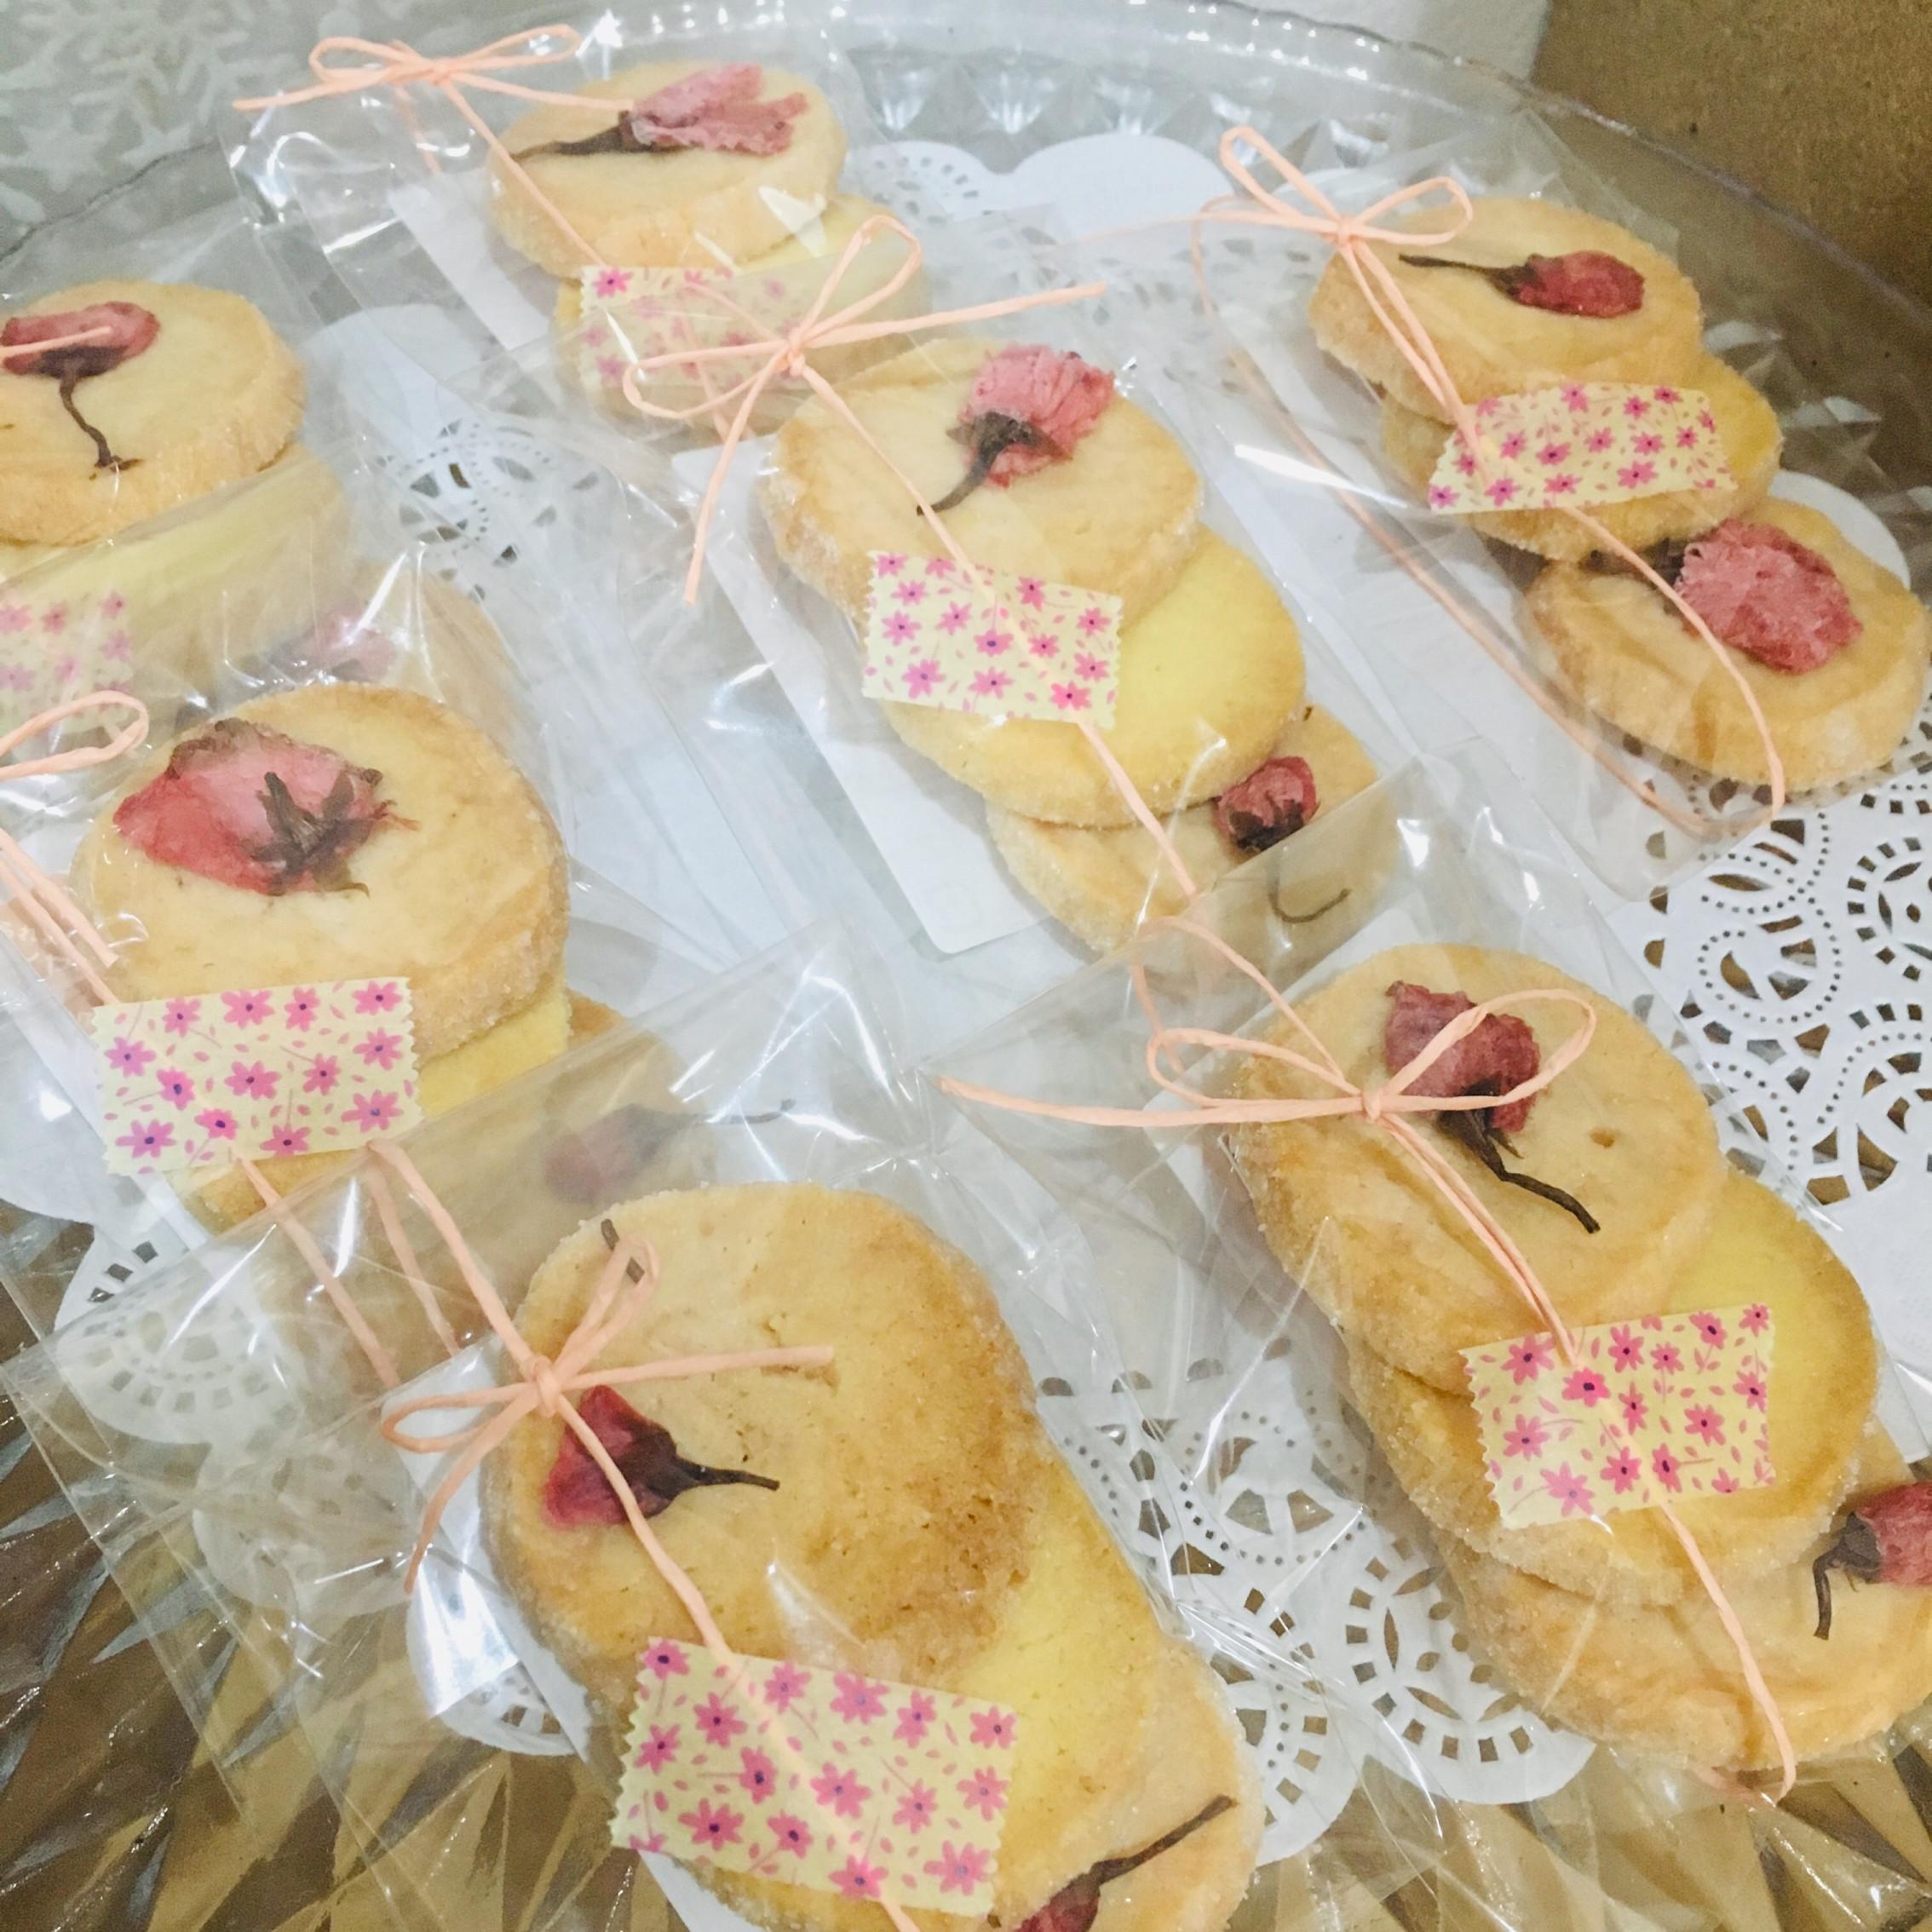 塩漬けされた桜を飾りつけた、桜味のアイスボックスクッキー♡>